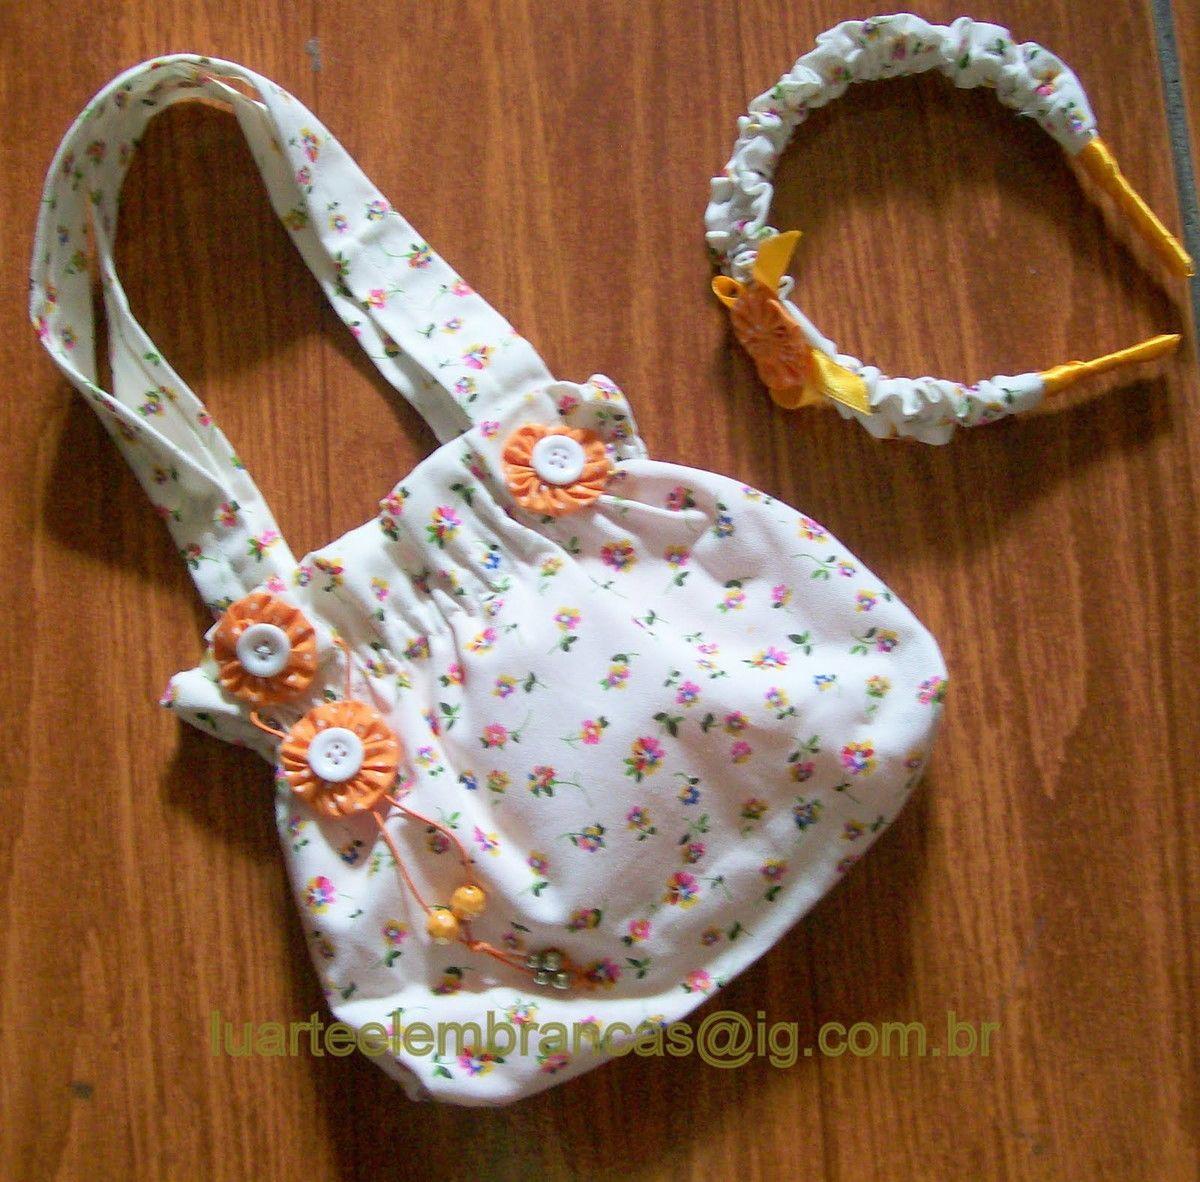 Bolsa De Tecido Pinterest : Bolsa de tecido e tiara algod?o decorada com fuxico